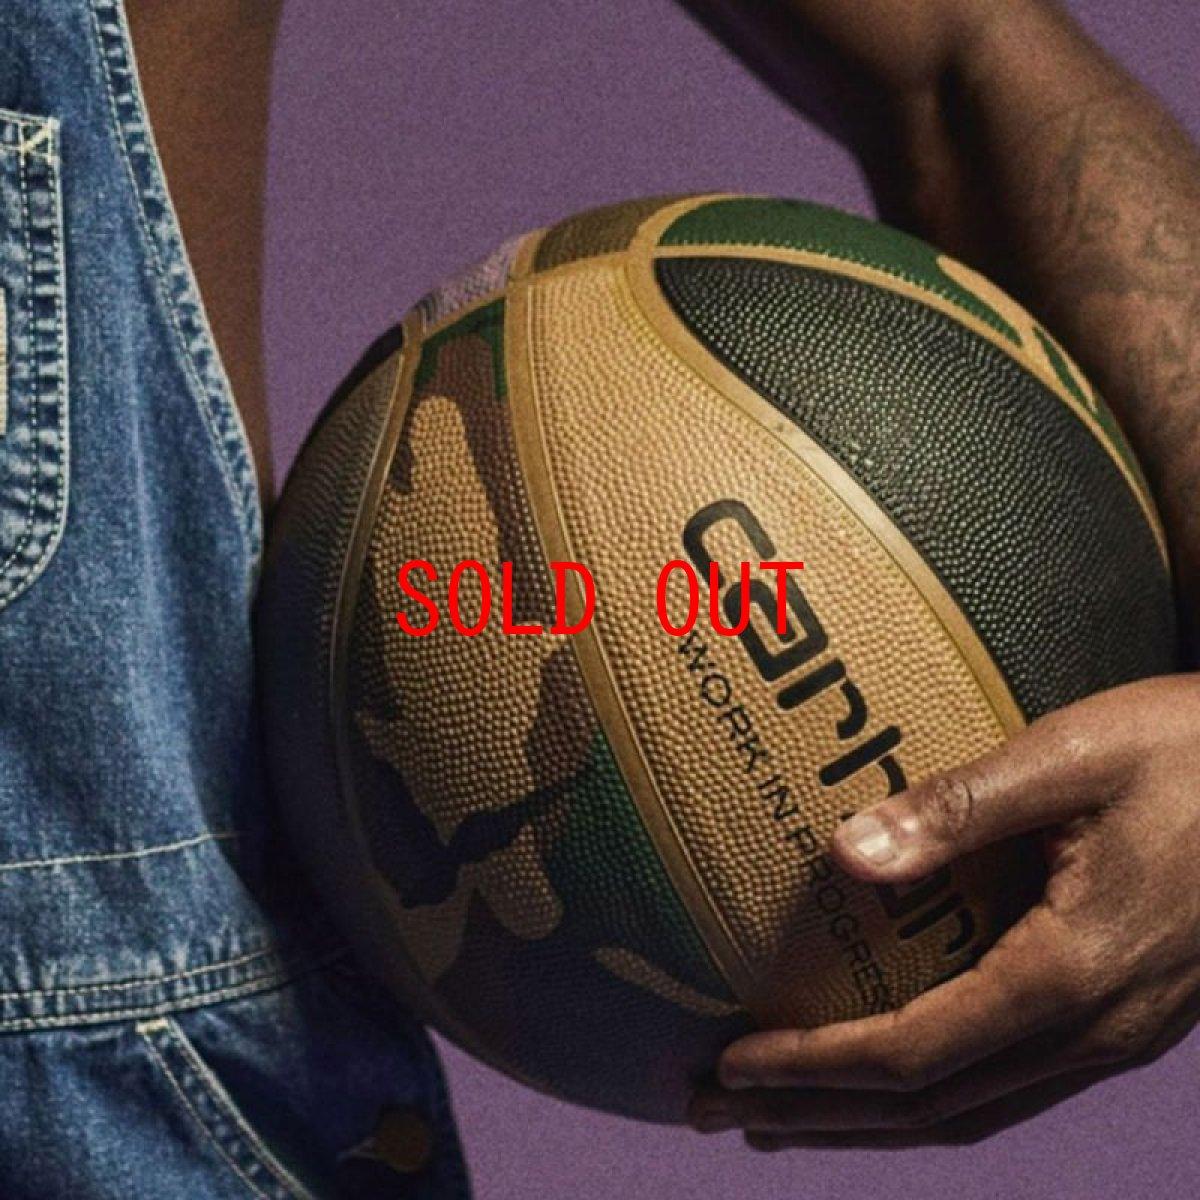 画像1: × Spalding Valiant 4 Basketball スパルディング コラボレーション バスケット ボール 7号 Camo Laurel Black Air Force Grey Leather (1)